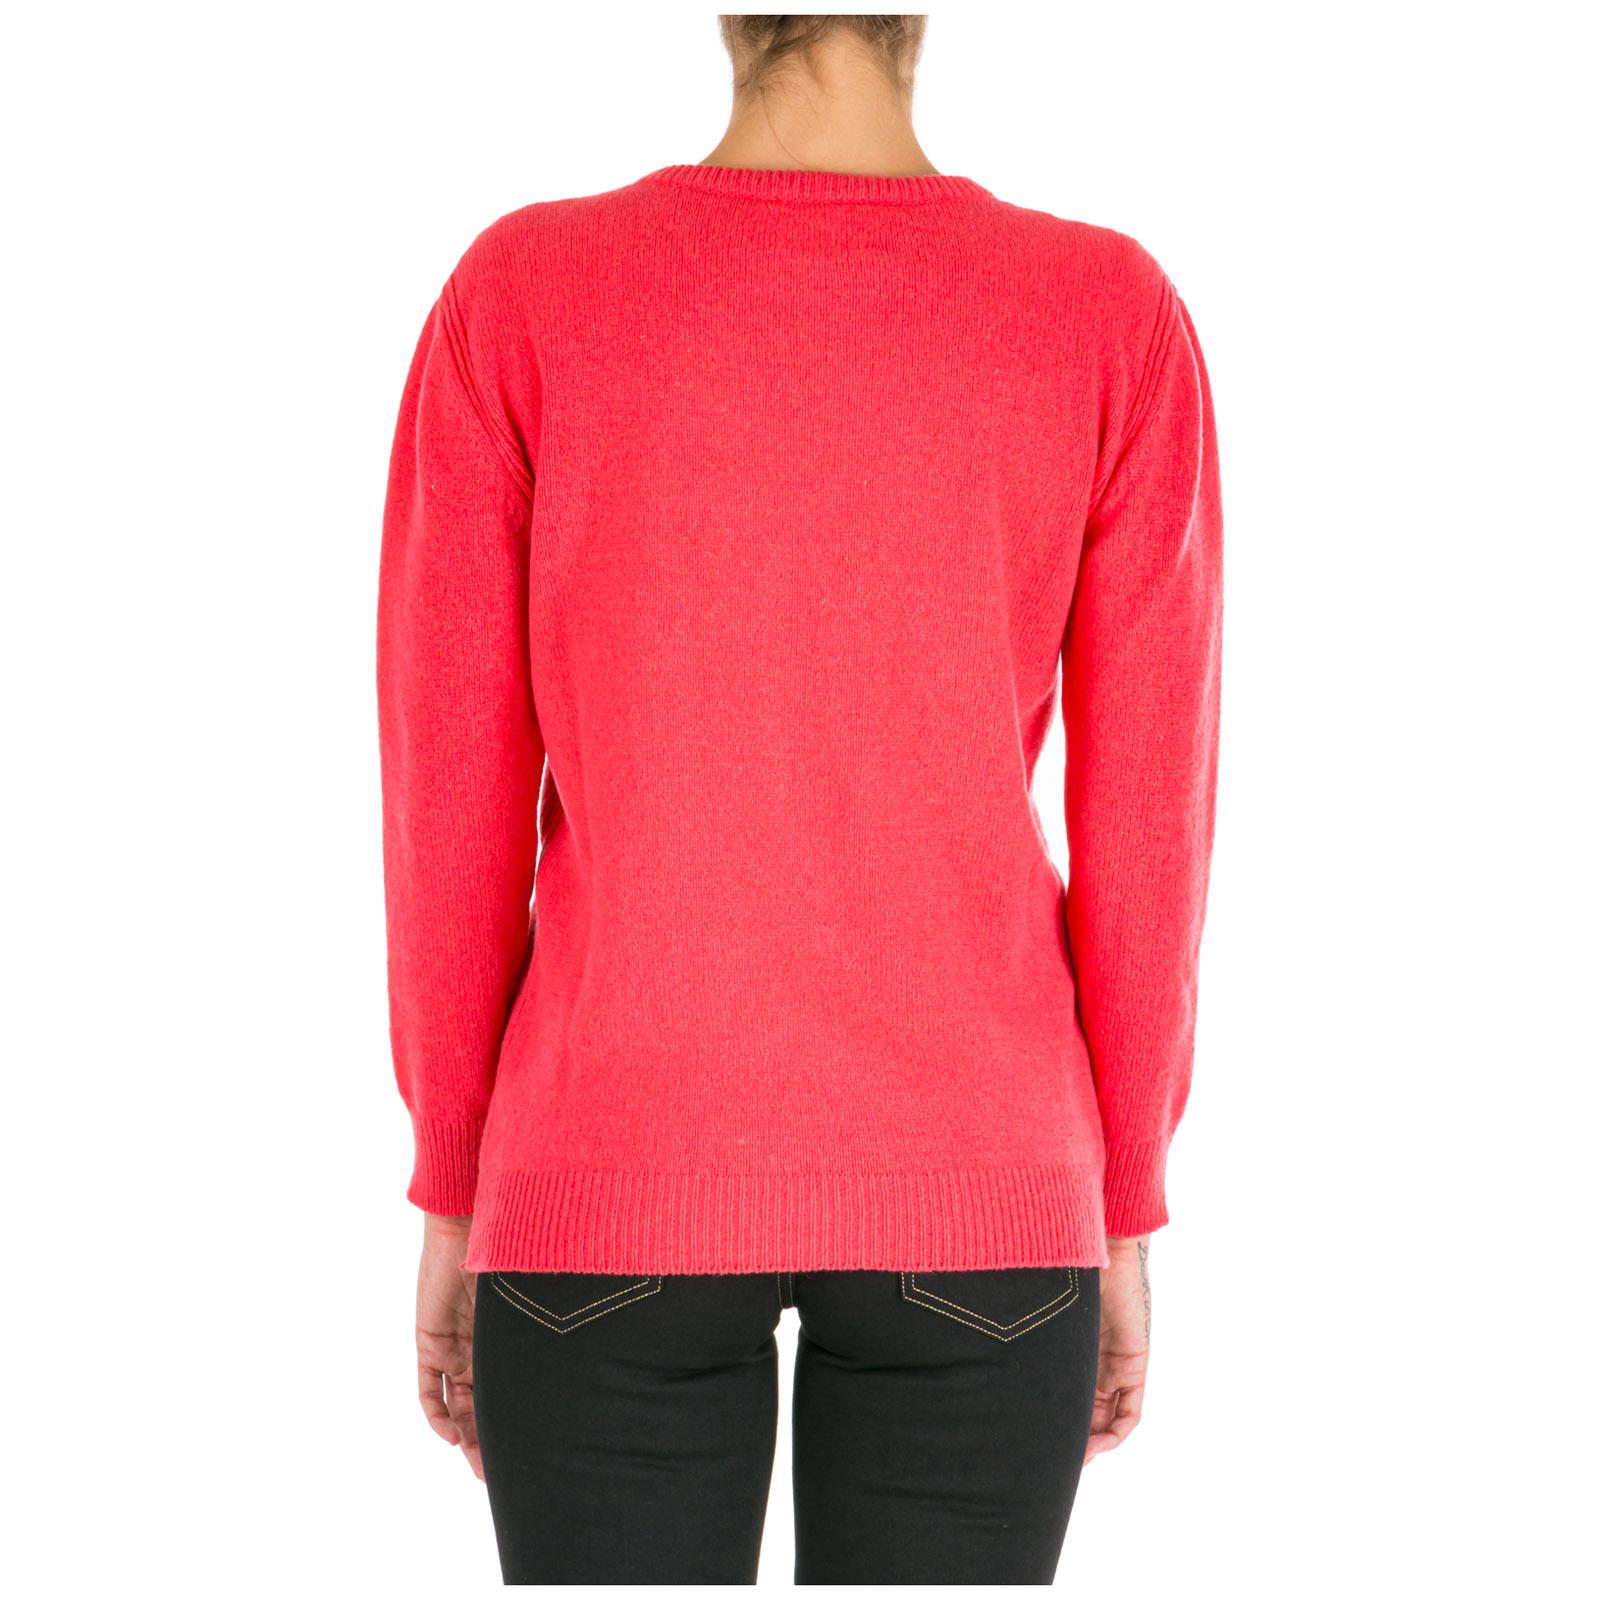 Women's jumper sweater crew neck round rainbow week friday